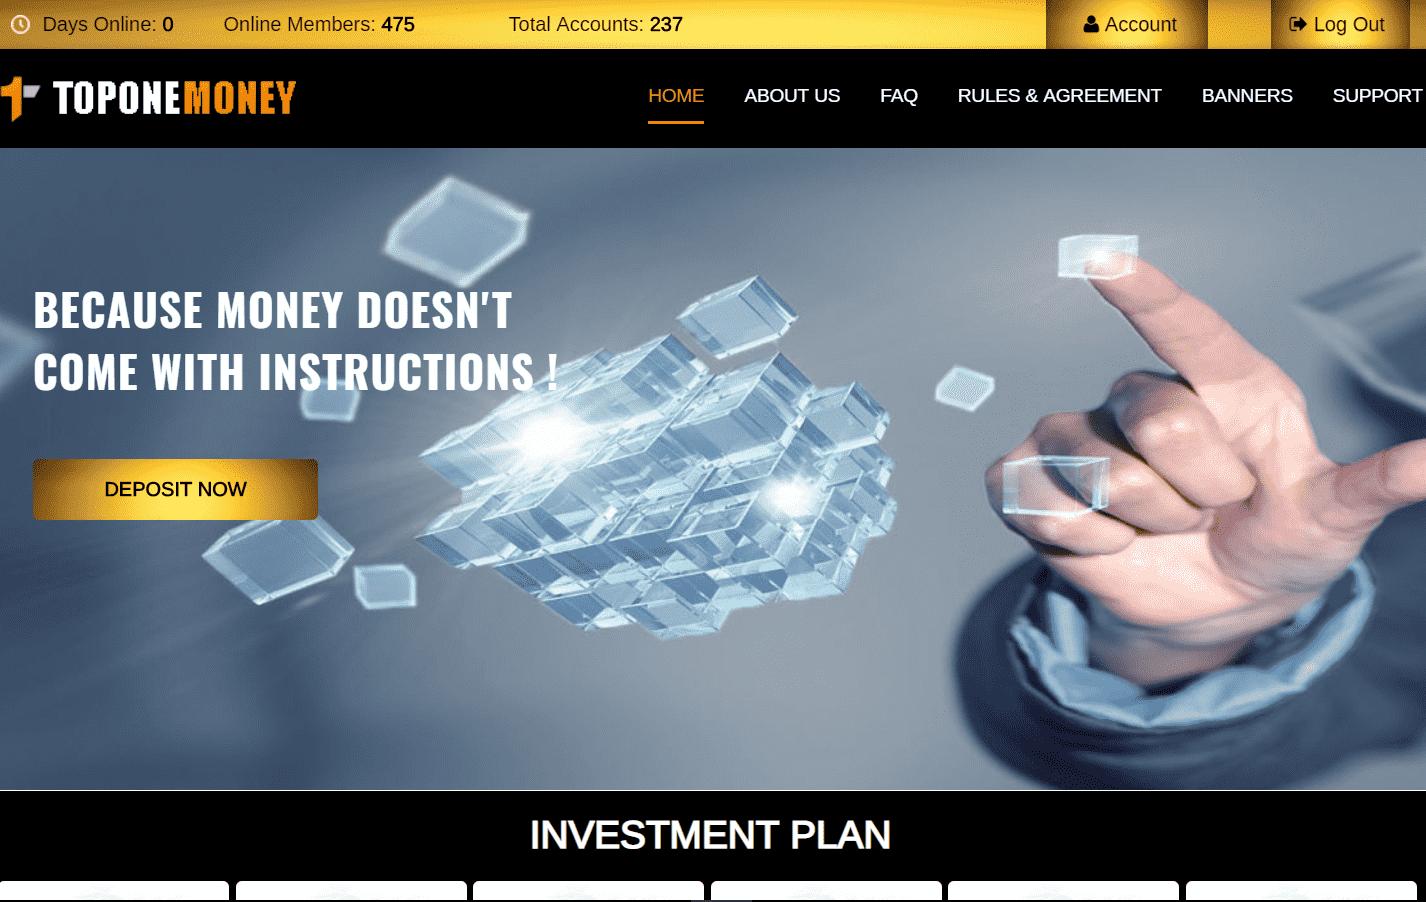 Top One Money - перевод проекта в СКАМ